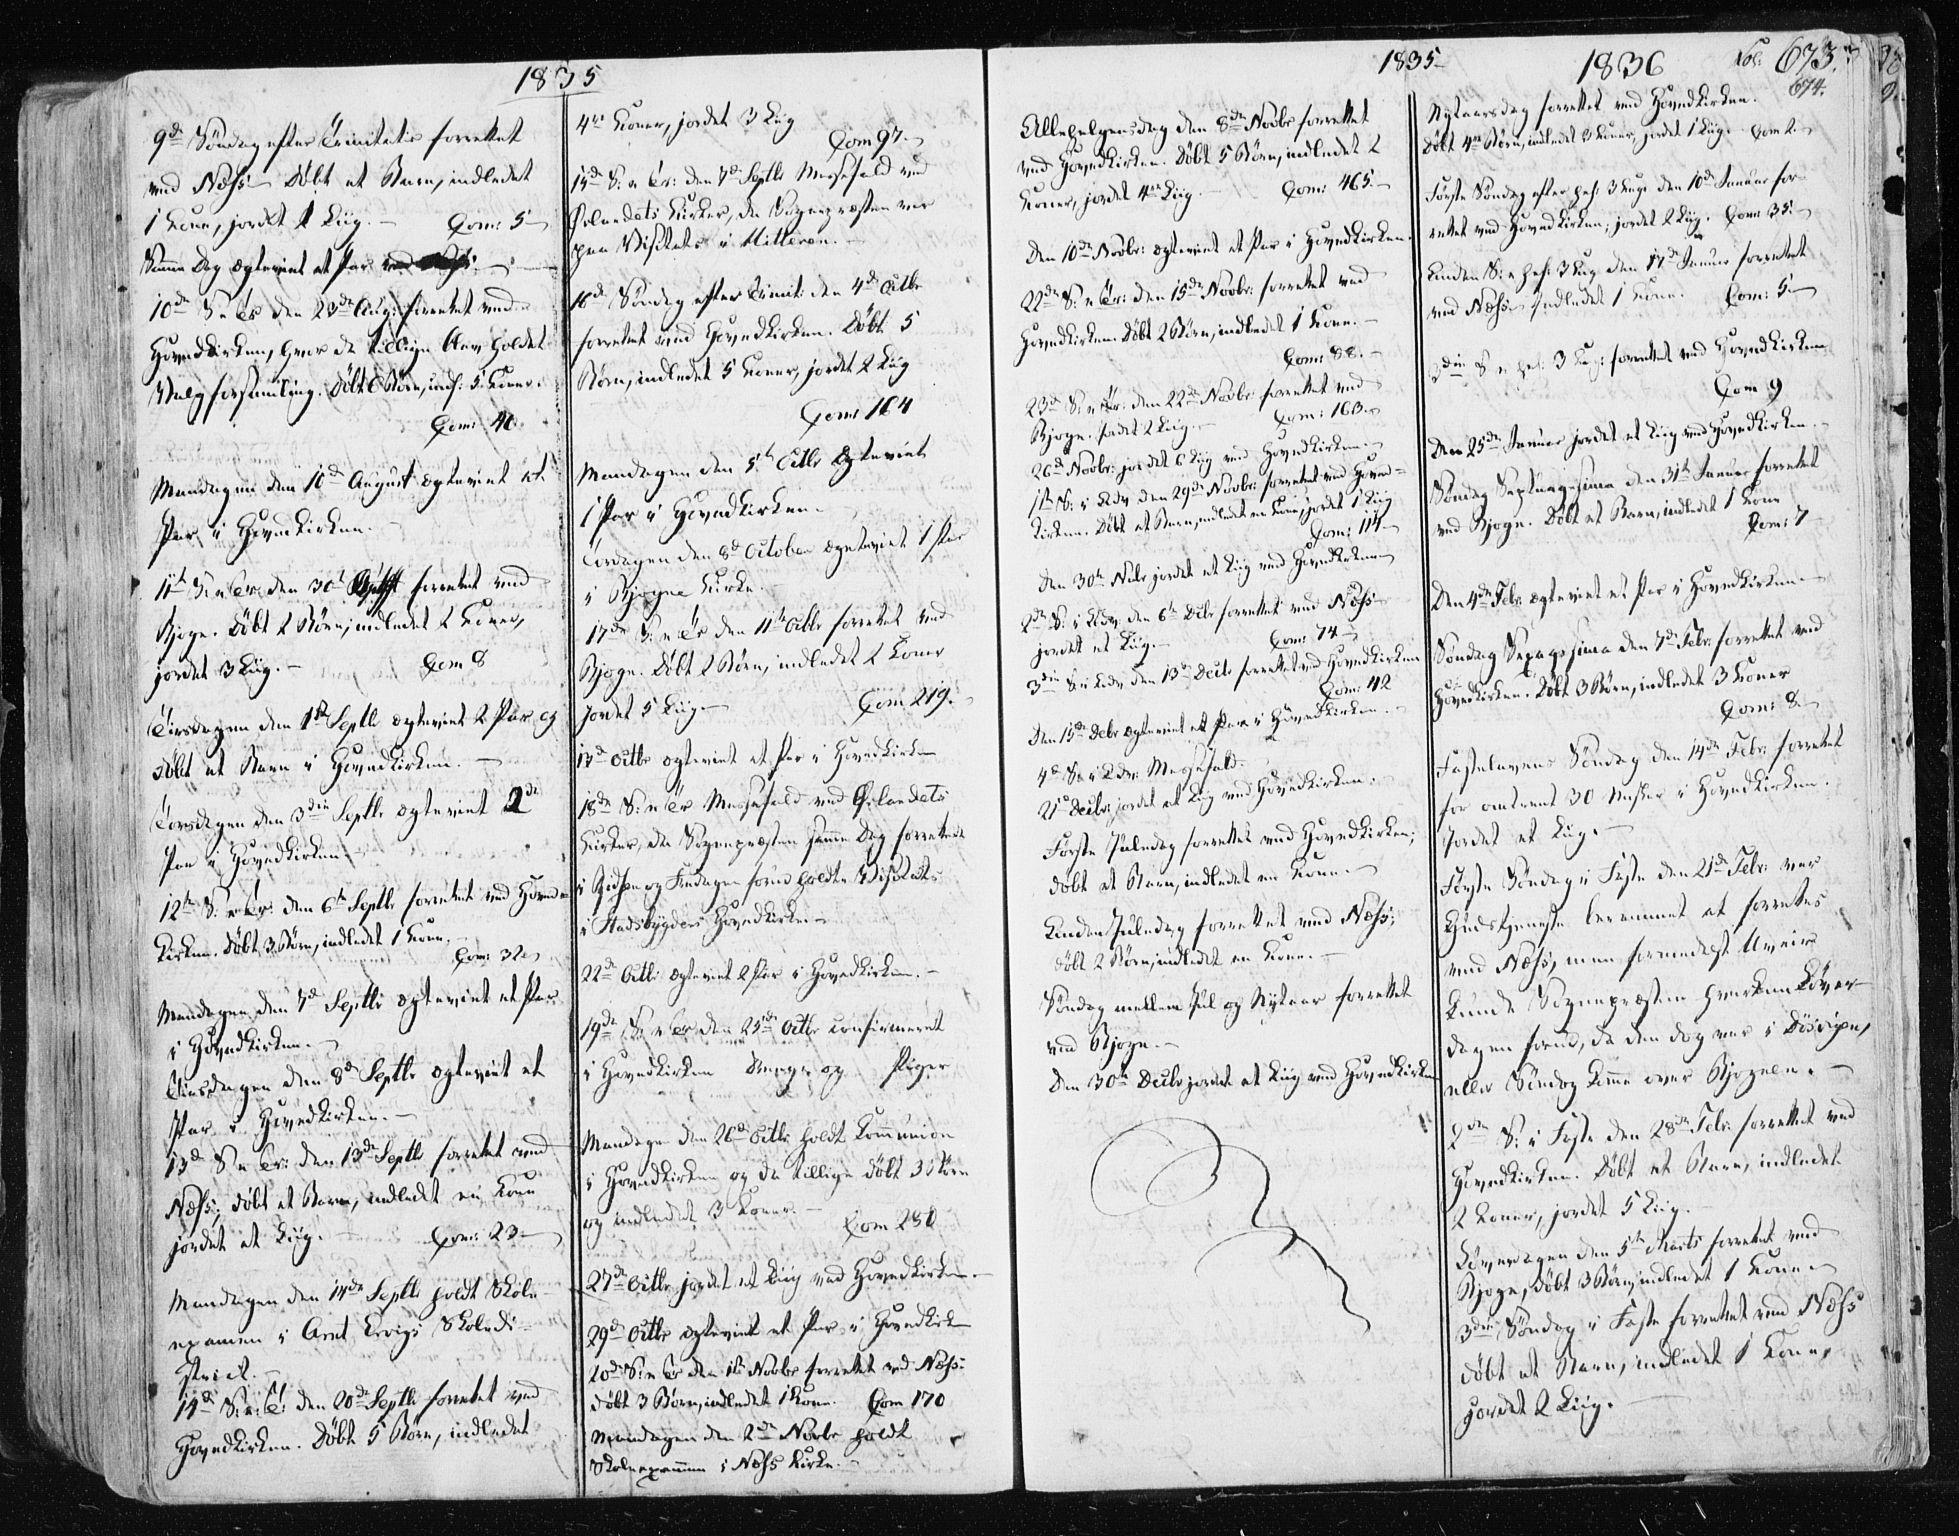 SAT, Ministerialprotokoller, klokkerbøker og fødselsregistre - Sør-Trøndelag, 659/L0735: Ministerialbok nr. 659A05, 1826-1841, s. 673